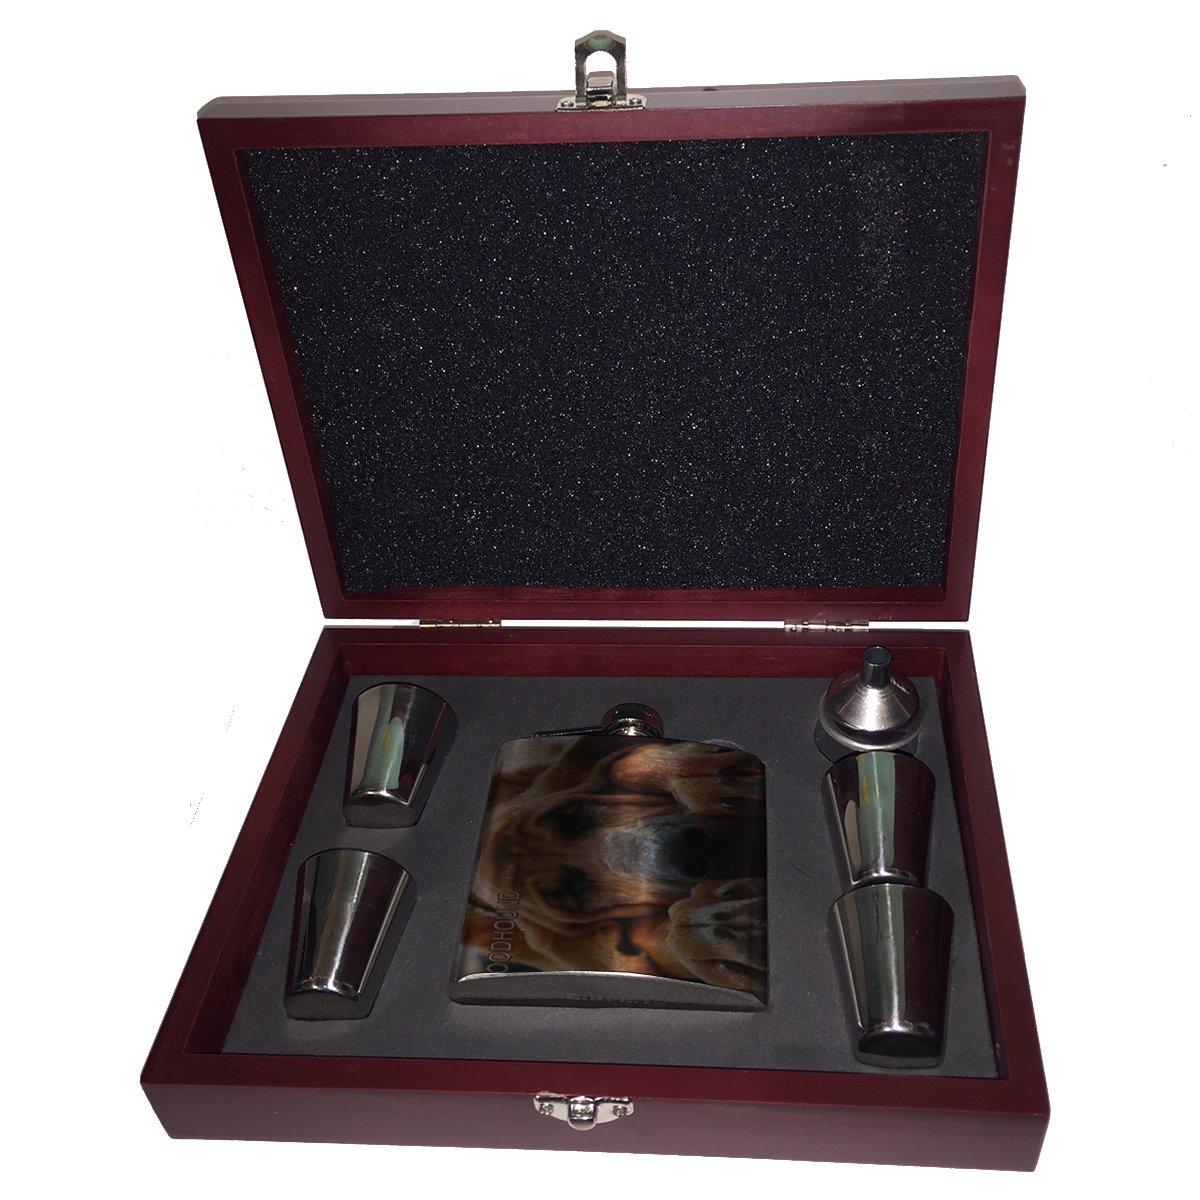 正規品 American American Bloodhound Flag – Bloodhound – フラスコ木製ボックスギフトセット B01JYSLLMO, 家呑み酒房 ひまわりや:938a0c69 --- profrcsharma.woxpedia.com